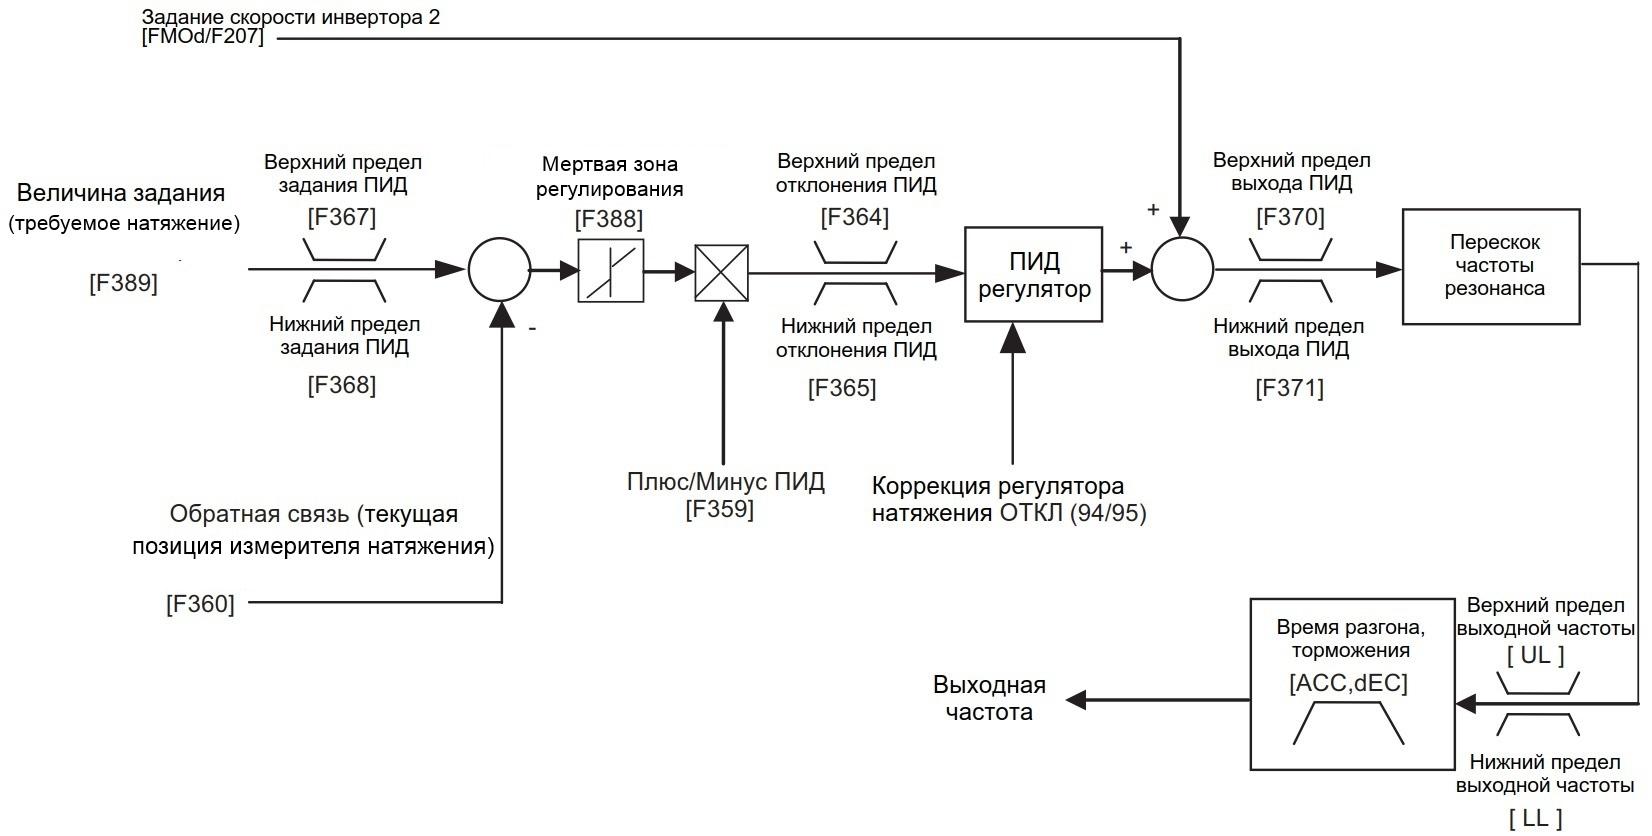 Схема задания параметров внутреннего ПИД-регулятора натяжения перемоточного станка